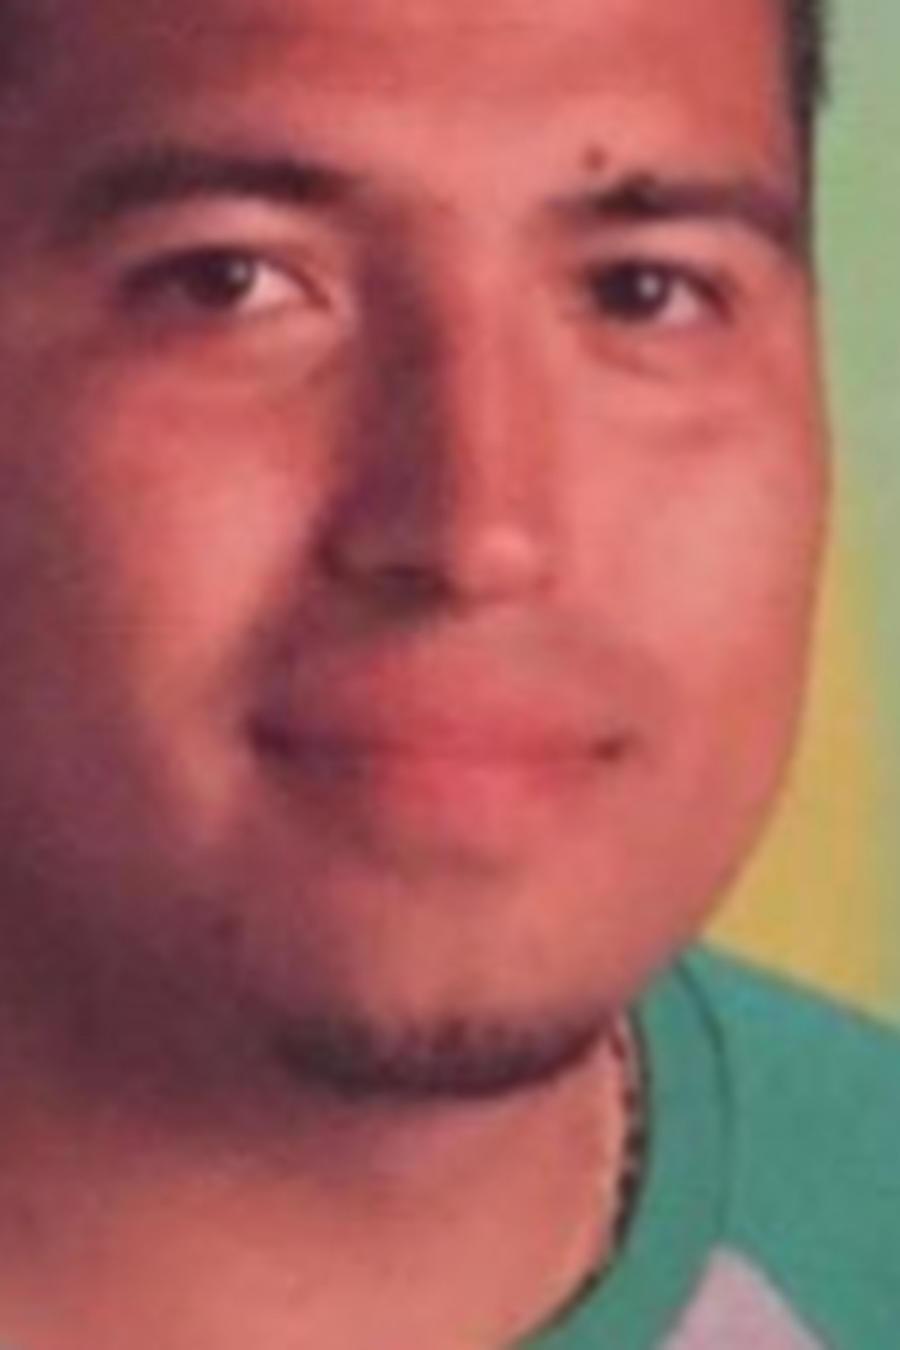 El dreamer Francisco Rodríguez Domínguez fue arrestado frente a su casa en Oregon el domingo 25 de marzo del 2017